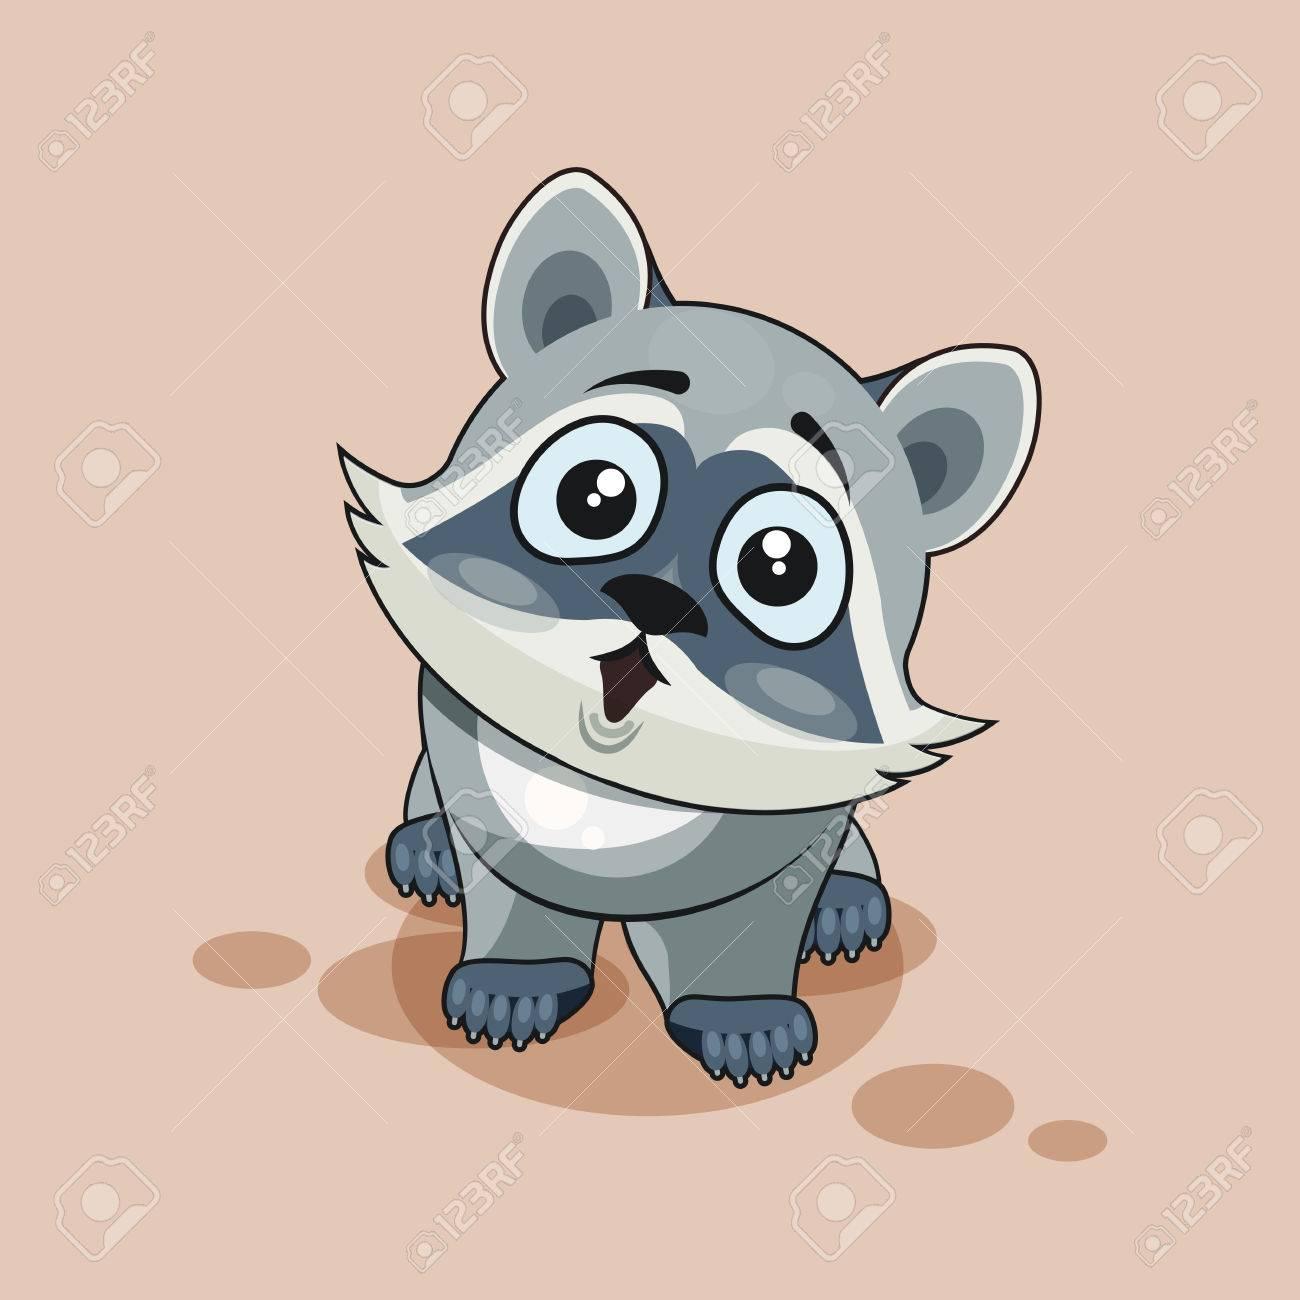 banque dimages vector illustration isol emoji dessin anim caractre raccoon cub surpris avec grande moticne yeux autocollant pour le site